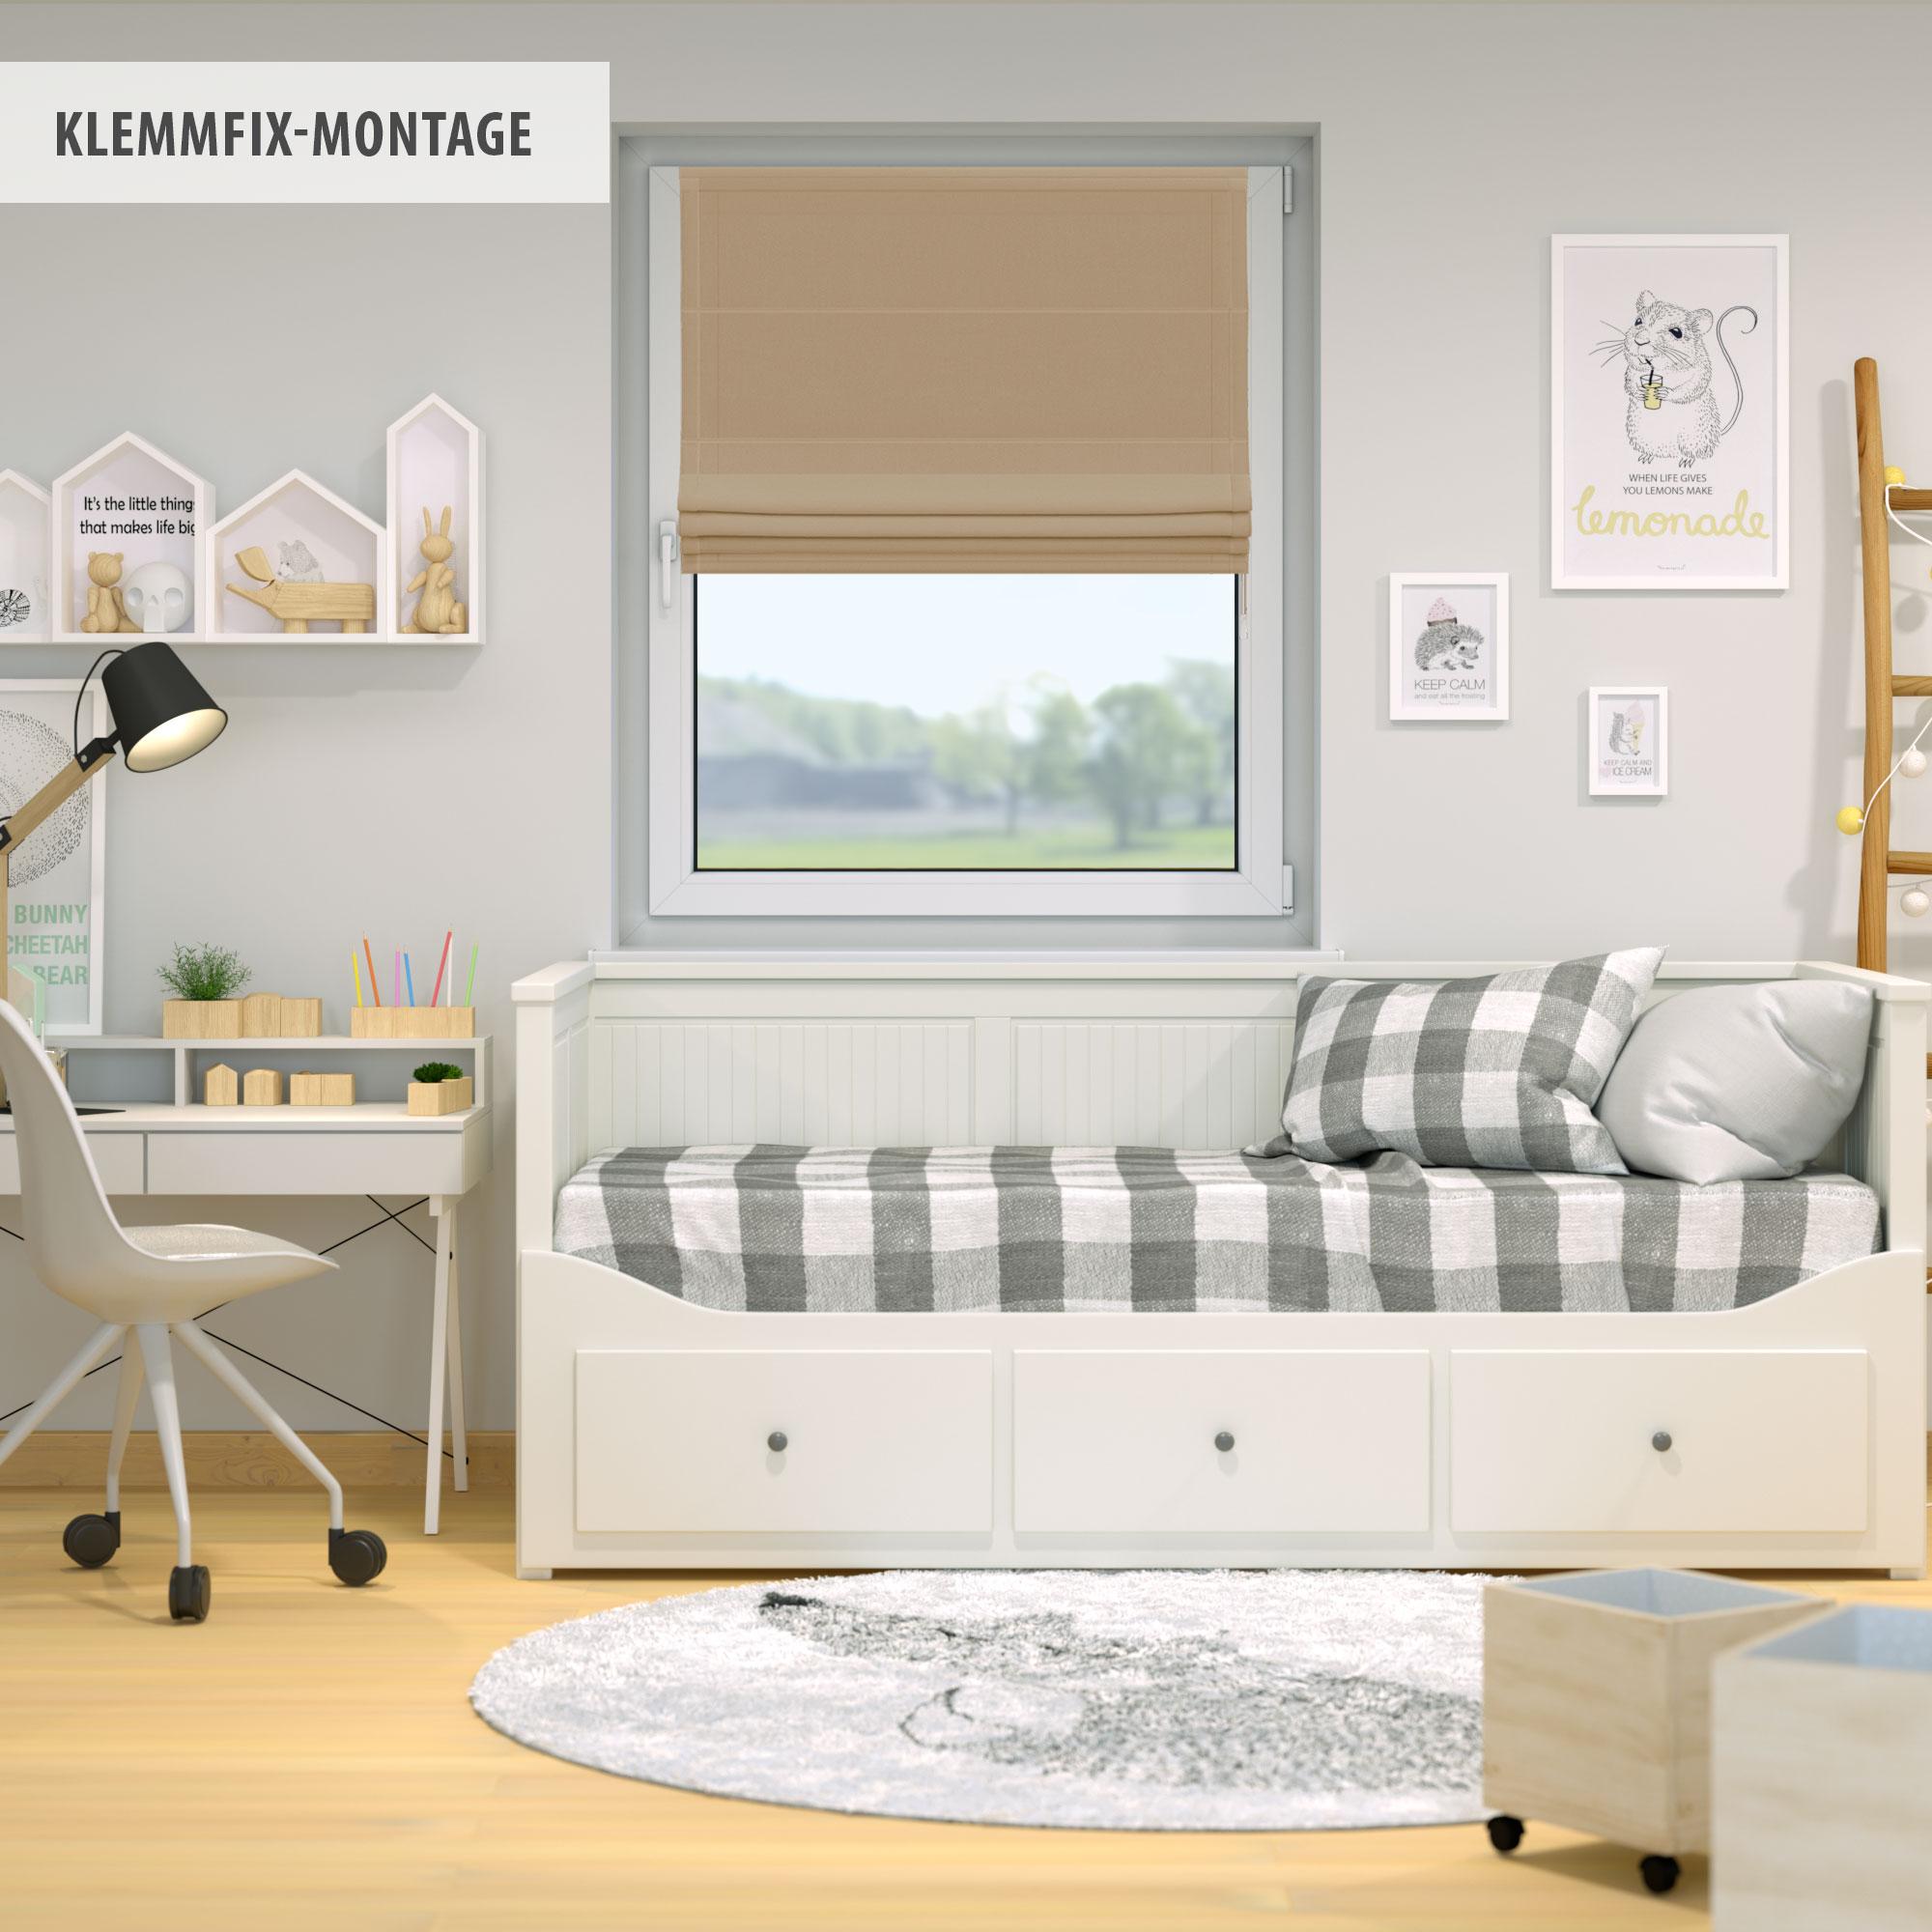 Indexbild 11 - Raffrollo-Faltrollo-Klemmfix-ohne-Bohren-Fenster-Raffgardine-Gardine-VICTORIA-M